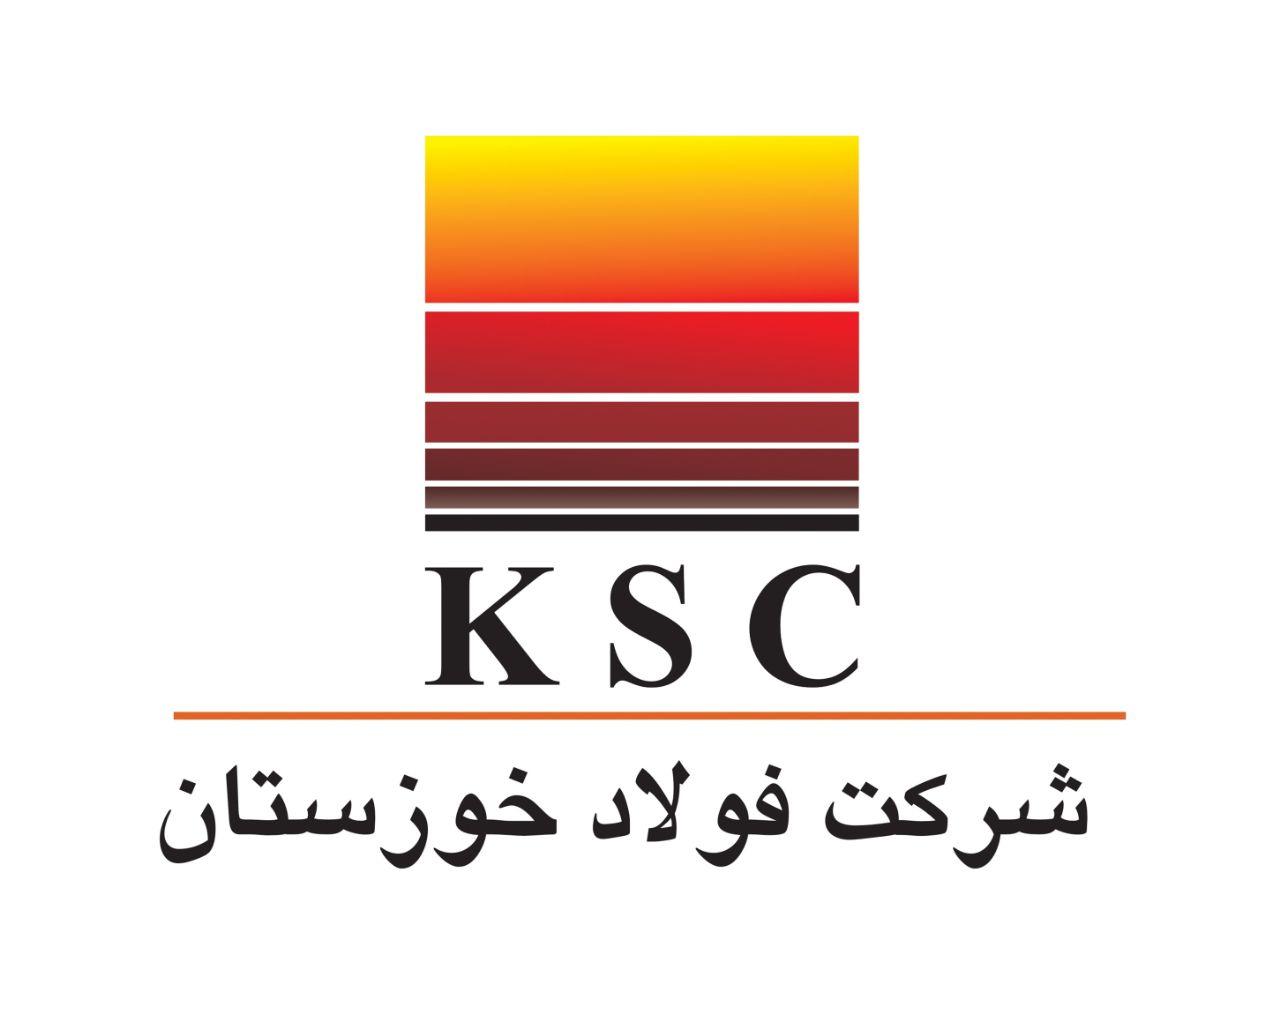 """اختصاص 3.8 میلیون تن کنسانتره سنگ آهن به شرکت فولاد خوزستان با همکاری سازمان ایمیدرو/ چادرملو، گل گهر، چغارت، توسعه ملی و گهر زمین کنسانتره مورد نیاز """"فخوز"""" را تامین خواهند کرد"""